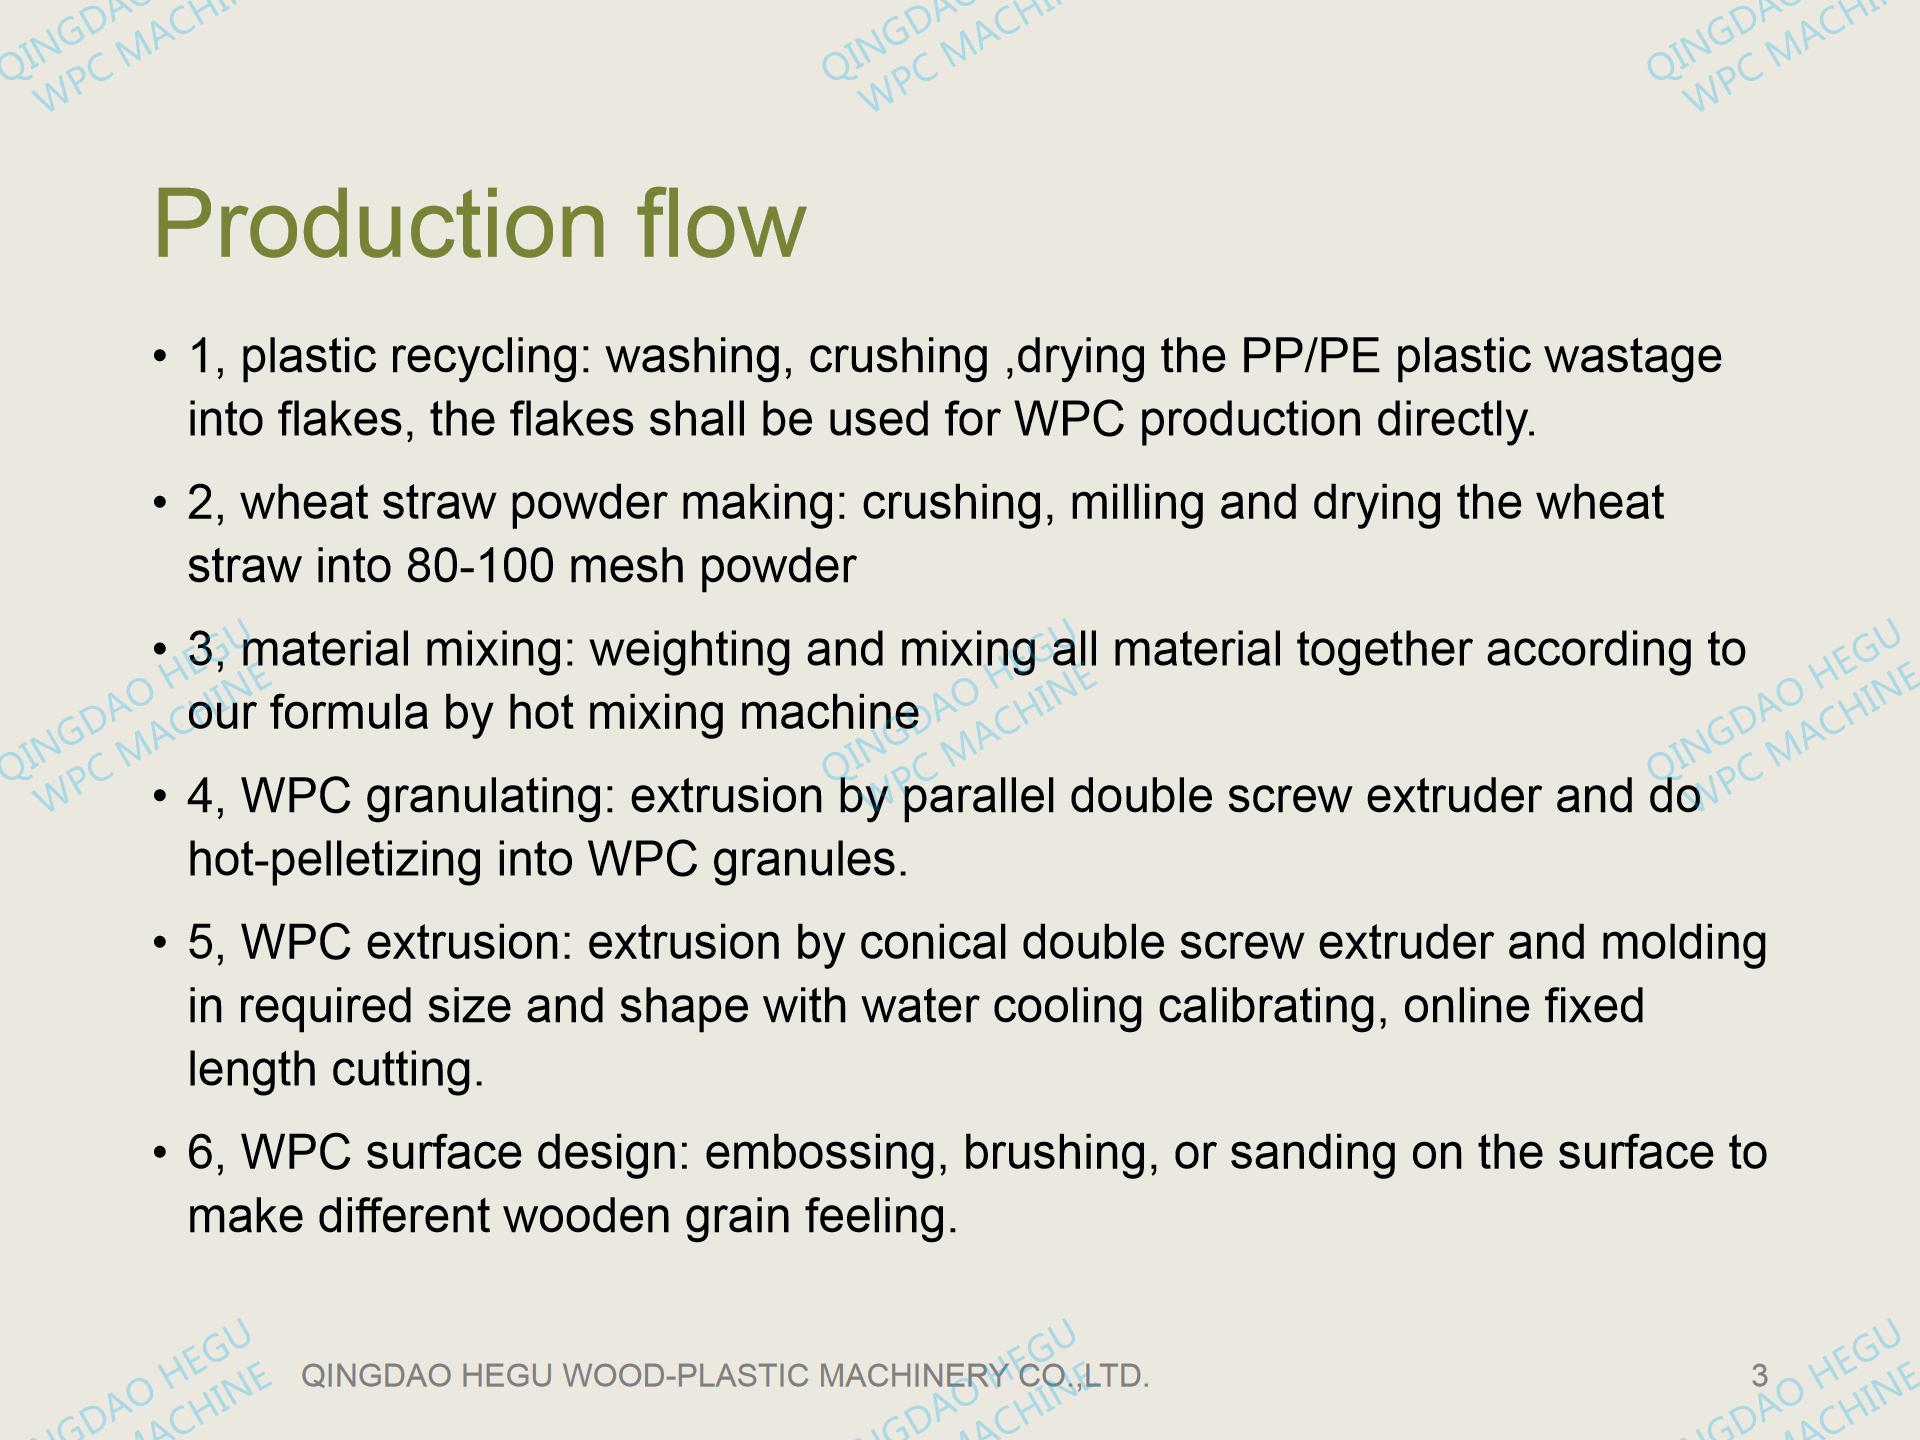 WPC production flow